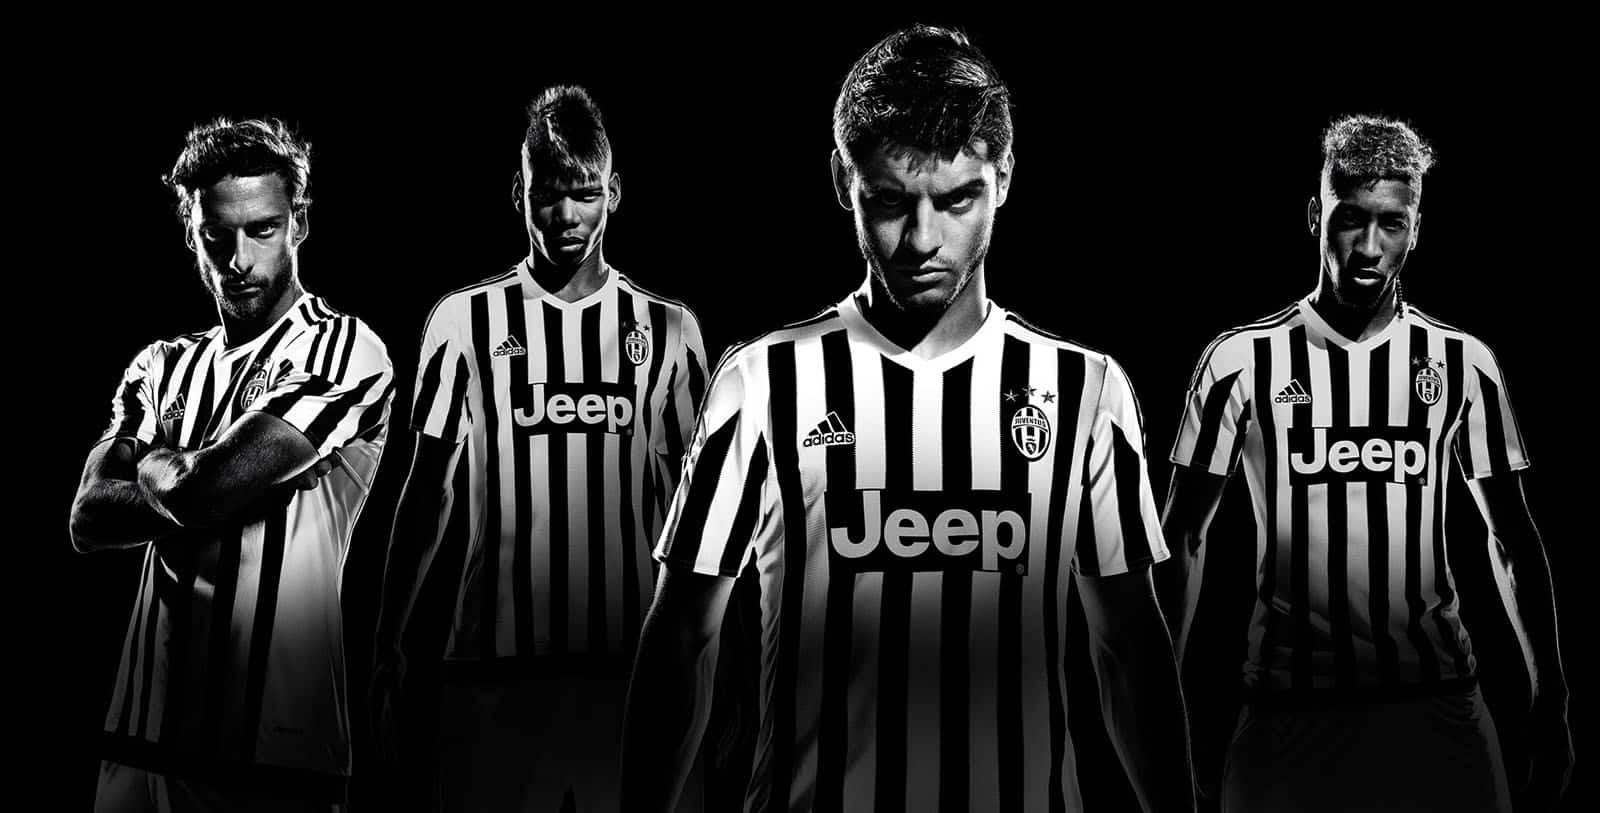 Juventus trøje! Se laveste priser på Juventus trøjer i DK!